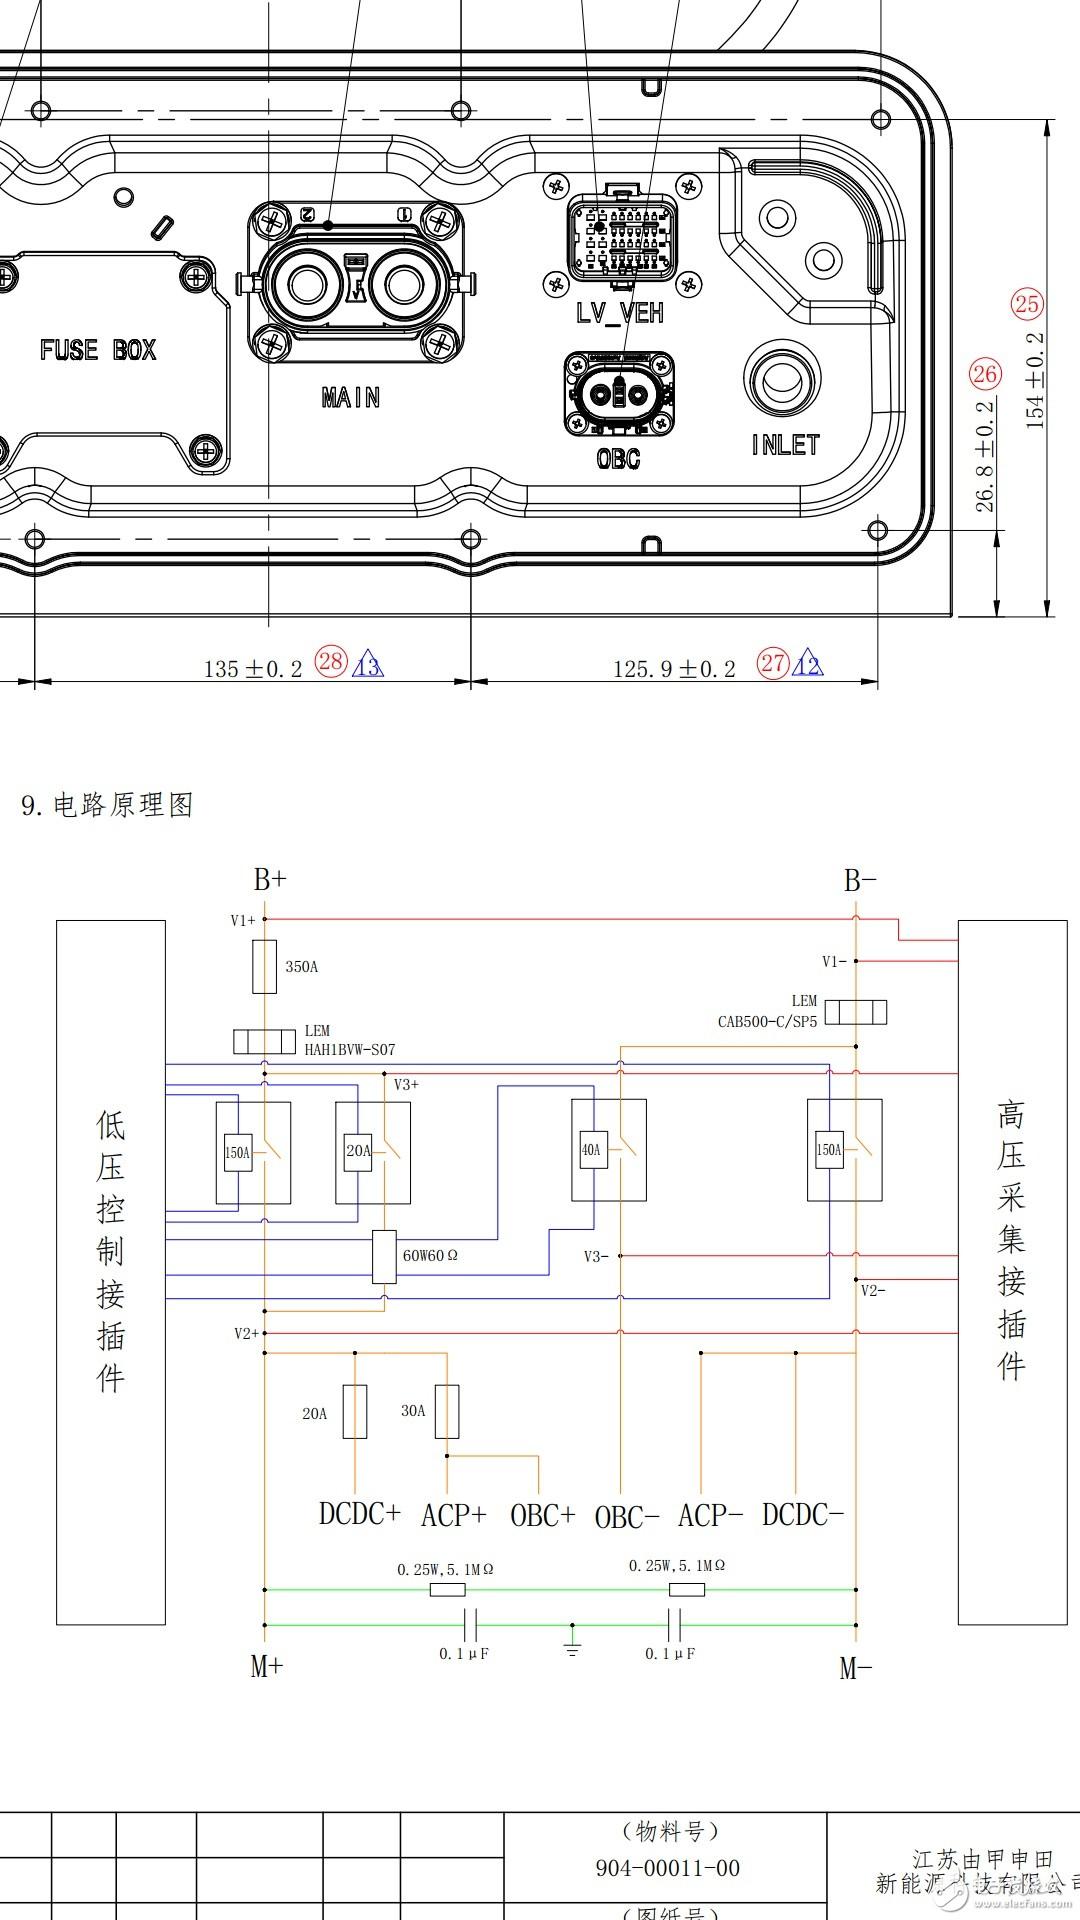 如何对并联有电容的贴片电阻进行测试?